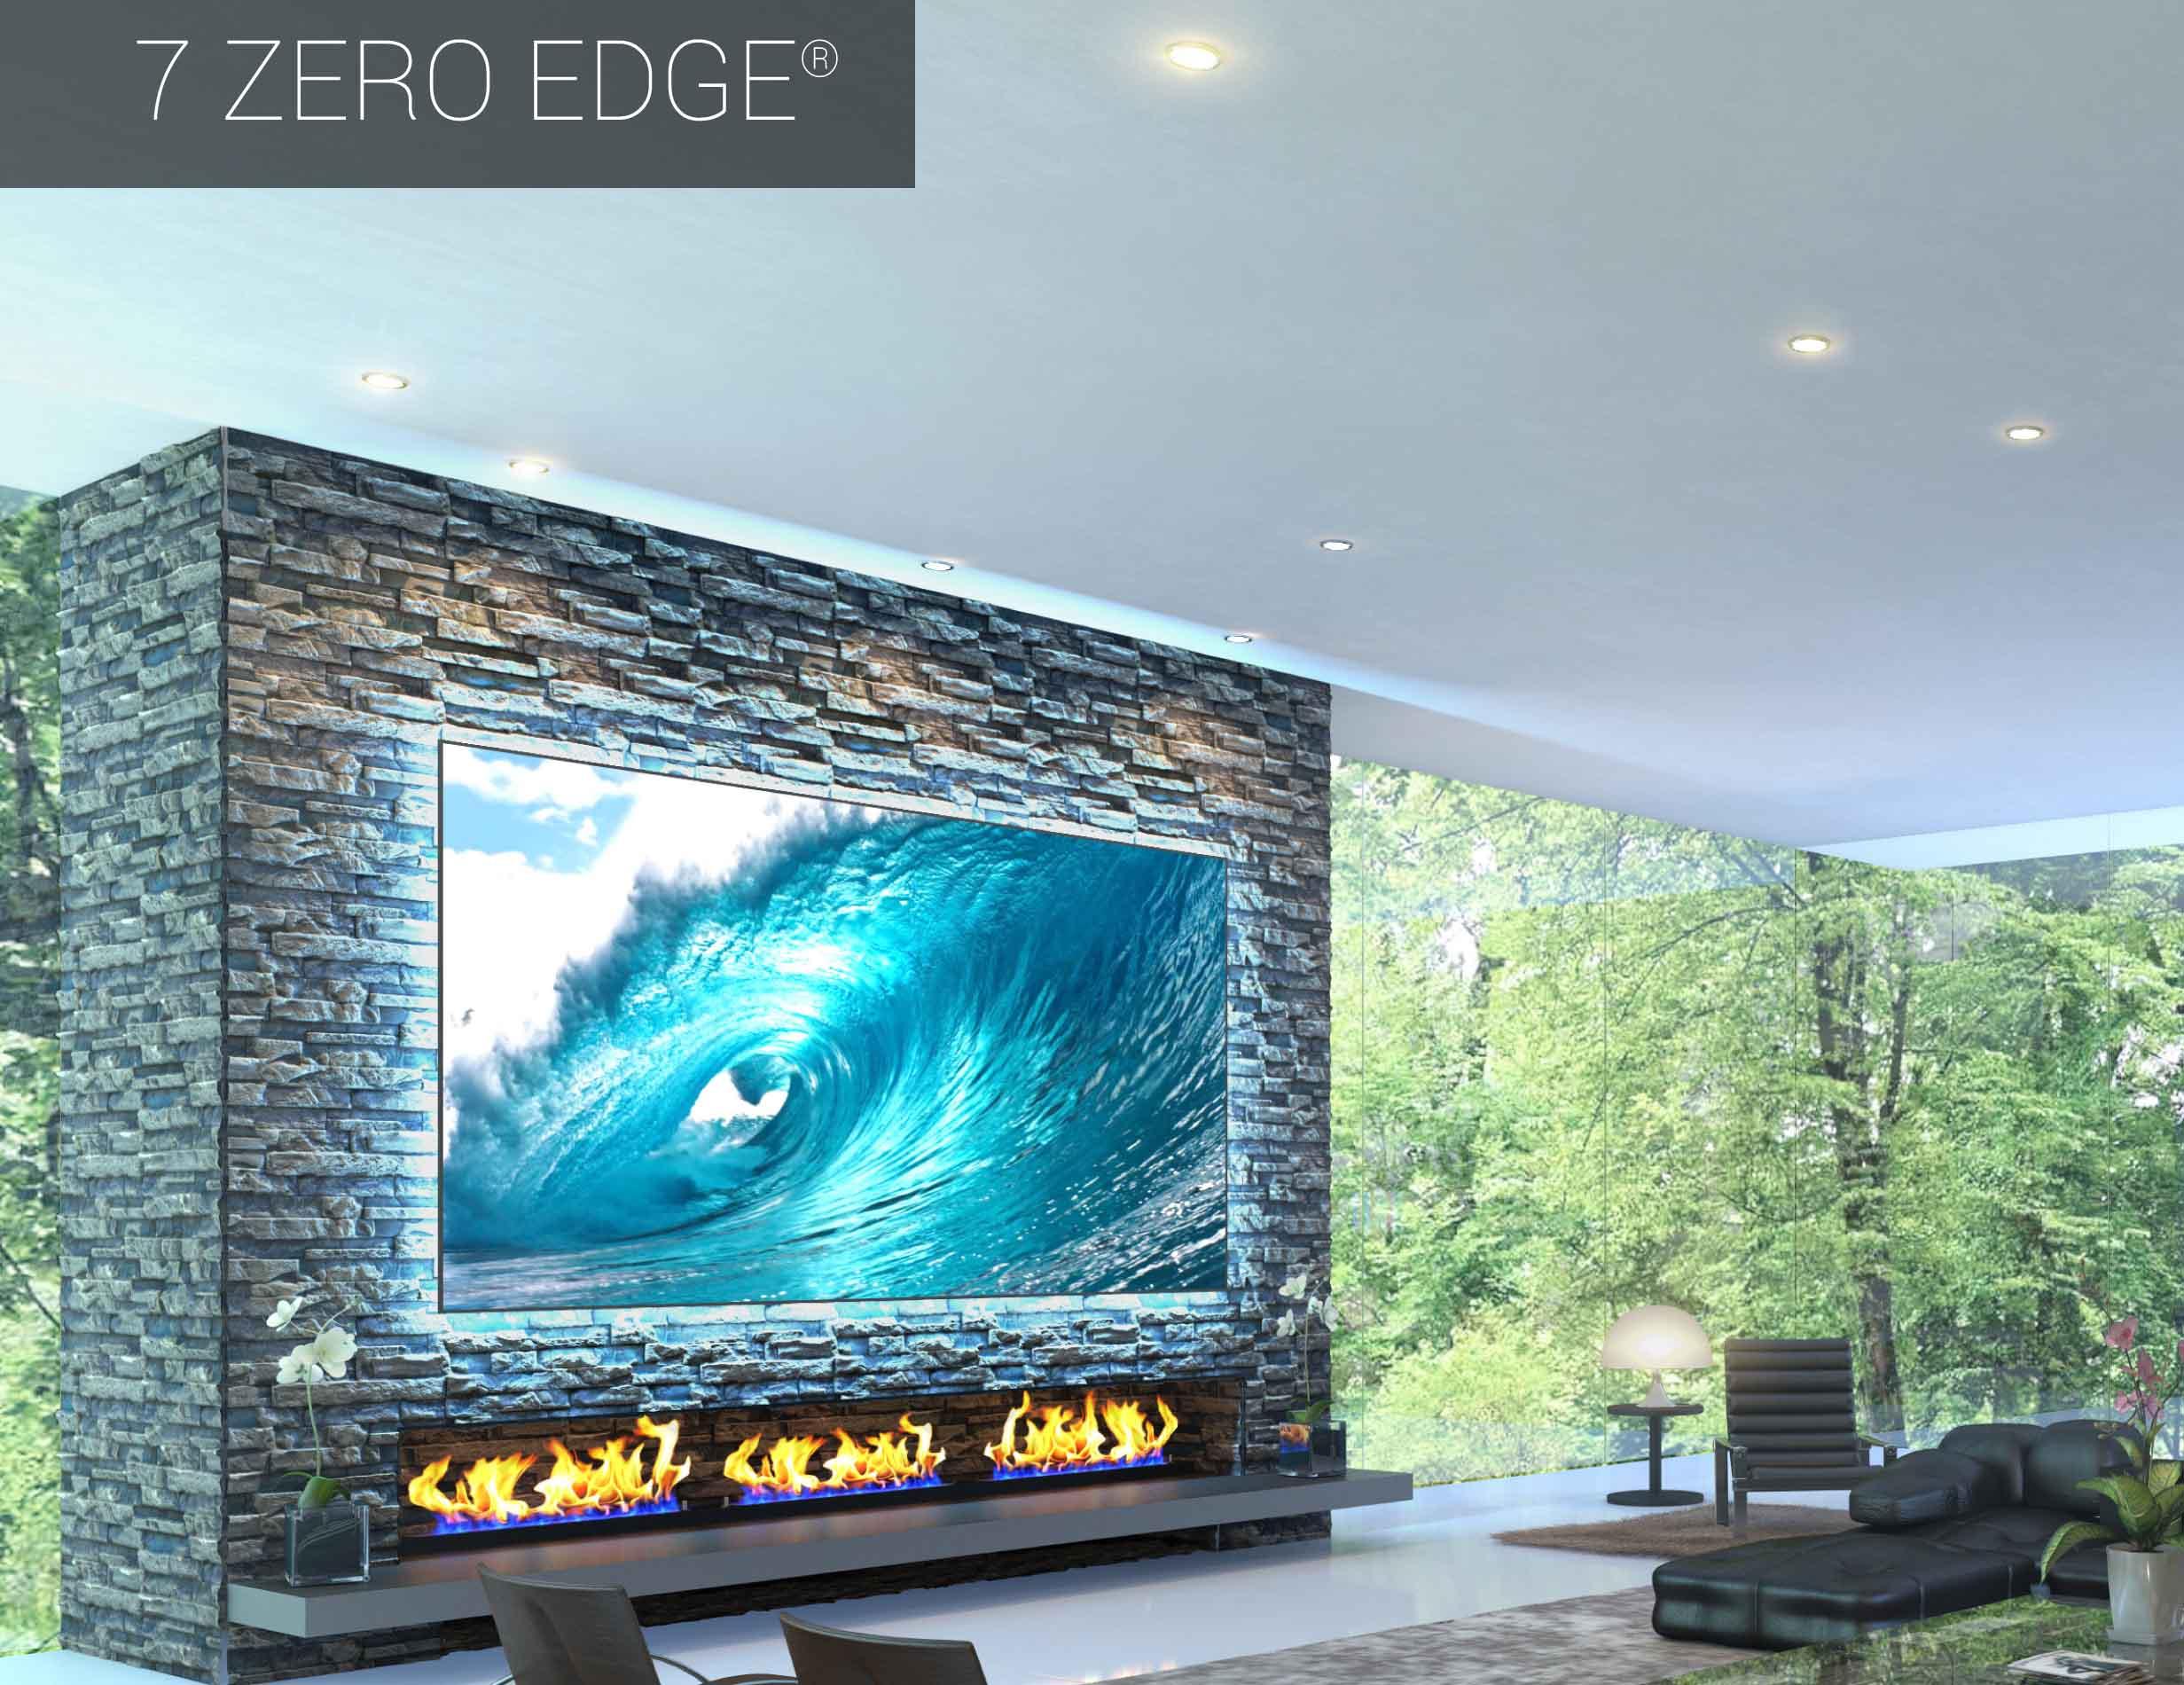 Nejsou projekční systémy cenově nepřístupné ve srovnání s plochou televizí?